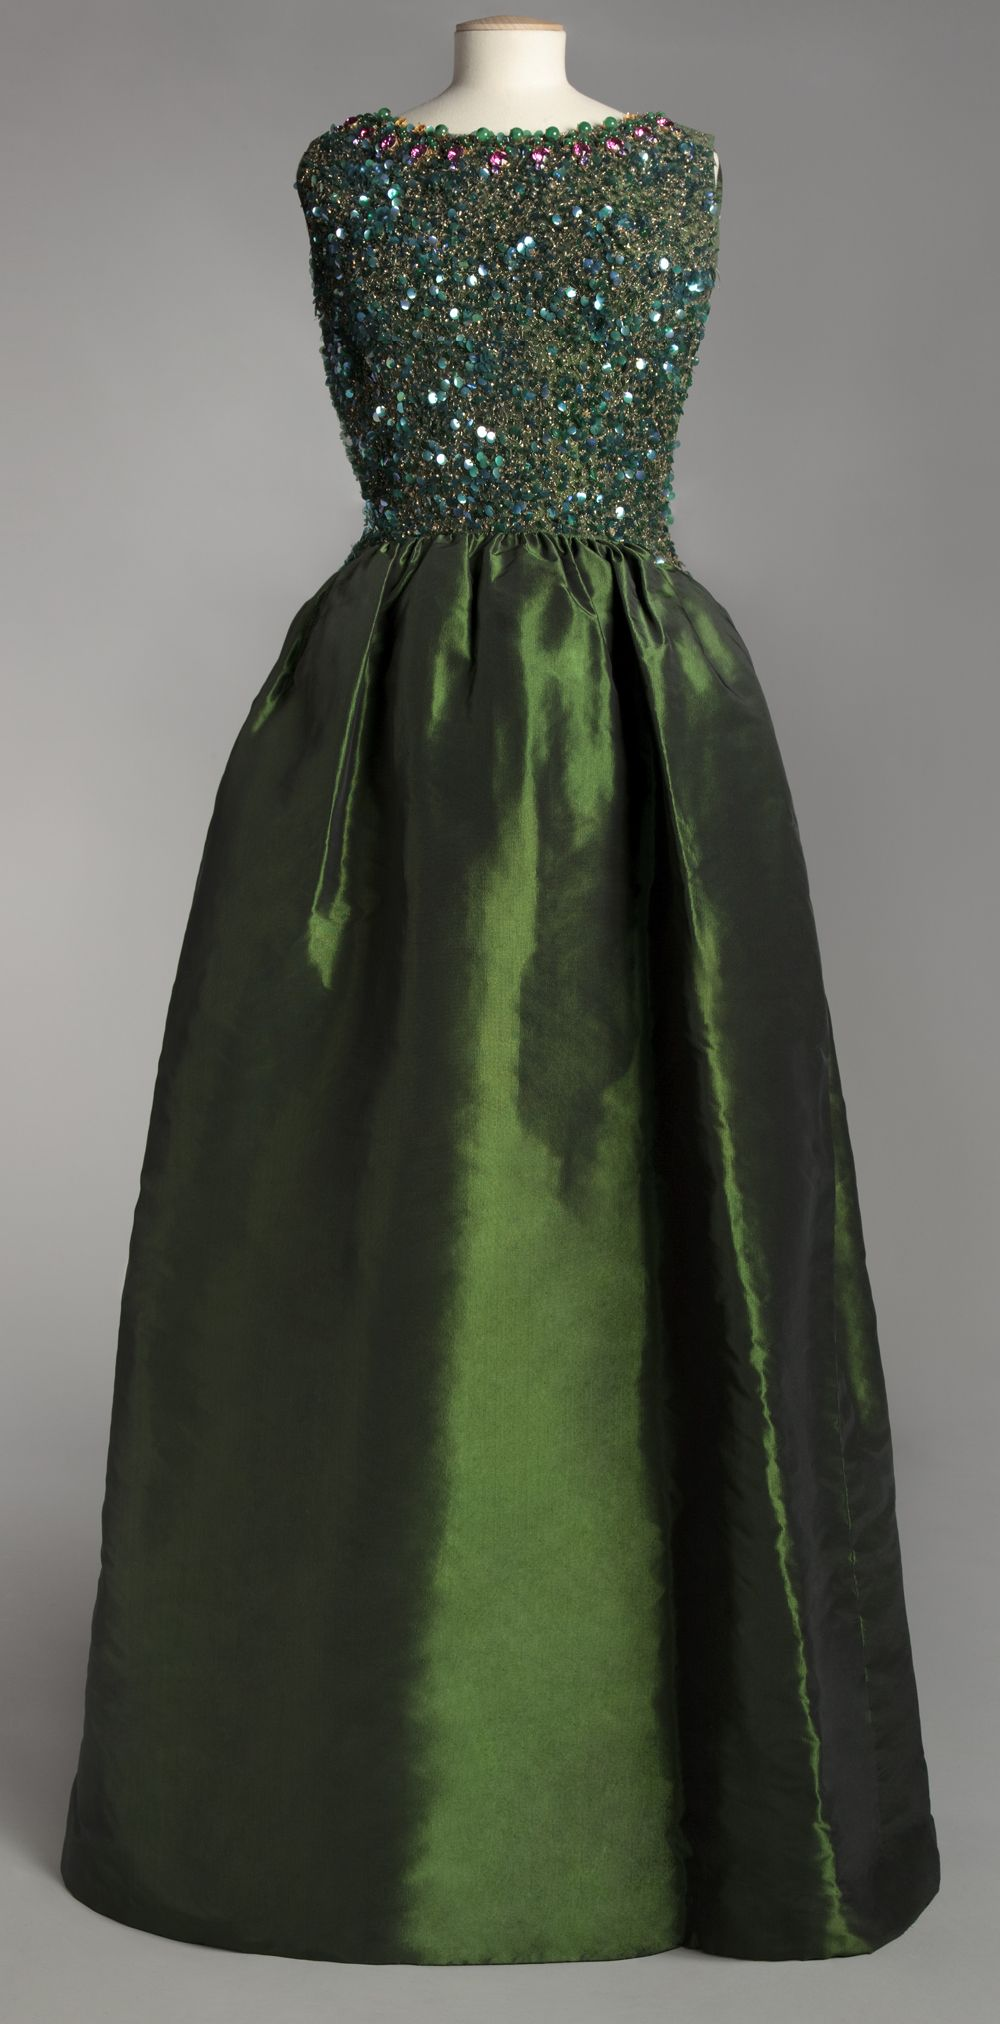 e4e9d36f3c1 Balenciaga Dress - FW 1960 -  ~ Mlle